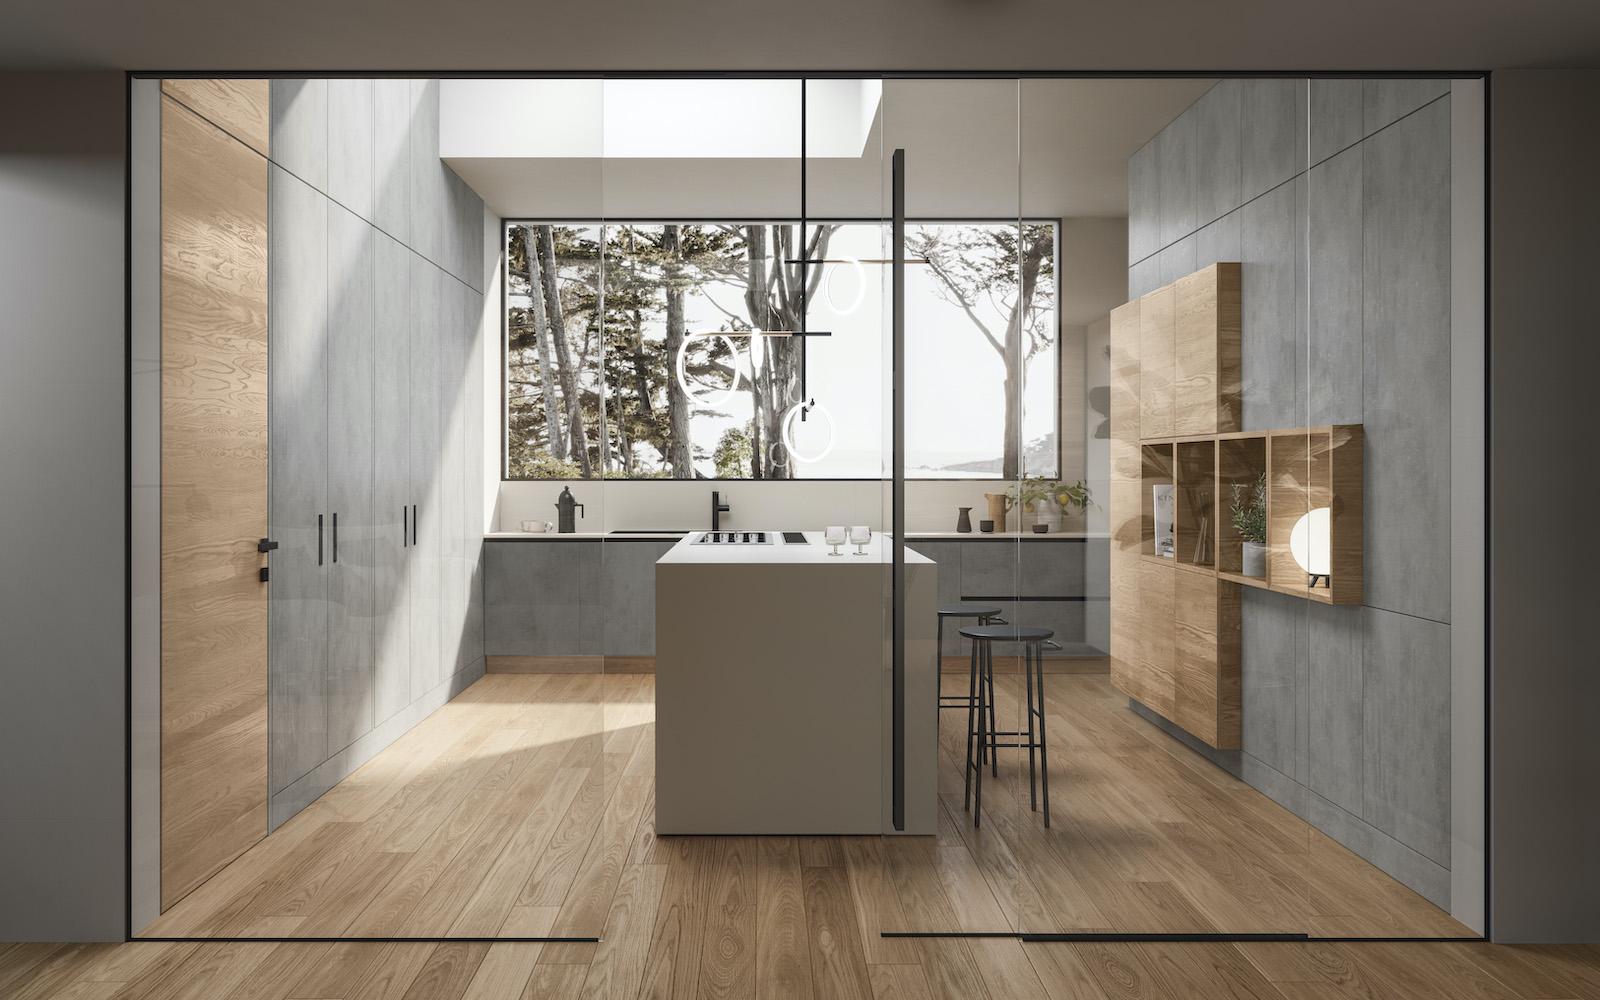 Porta a vetro e porta in legno filo muro Garofoli per cucina moderna - Garofoli